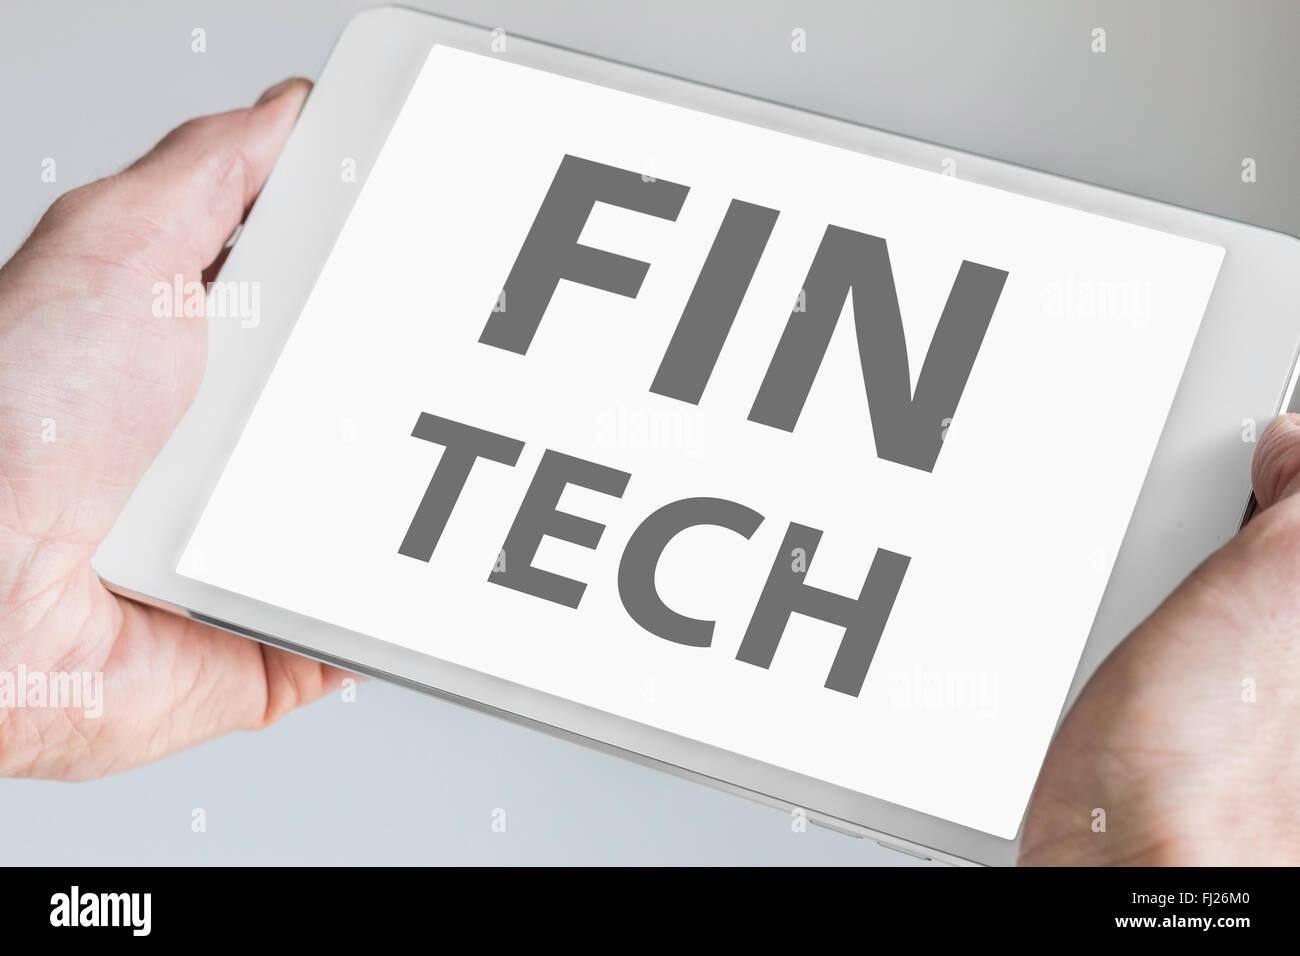 Fin tech el texto que aparece en la pantalla táctil de Tablet moderno o dispositivo inteligente. Concepto de Imagen De Stock